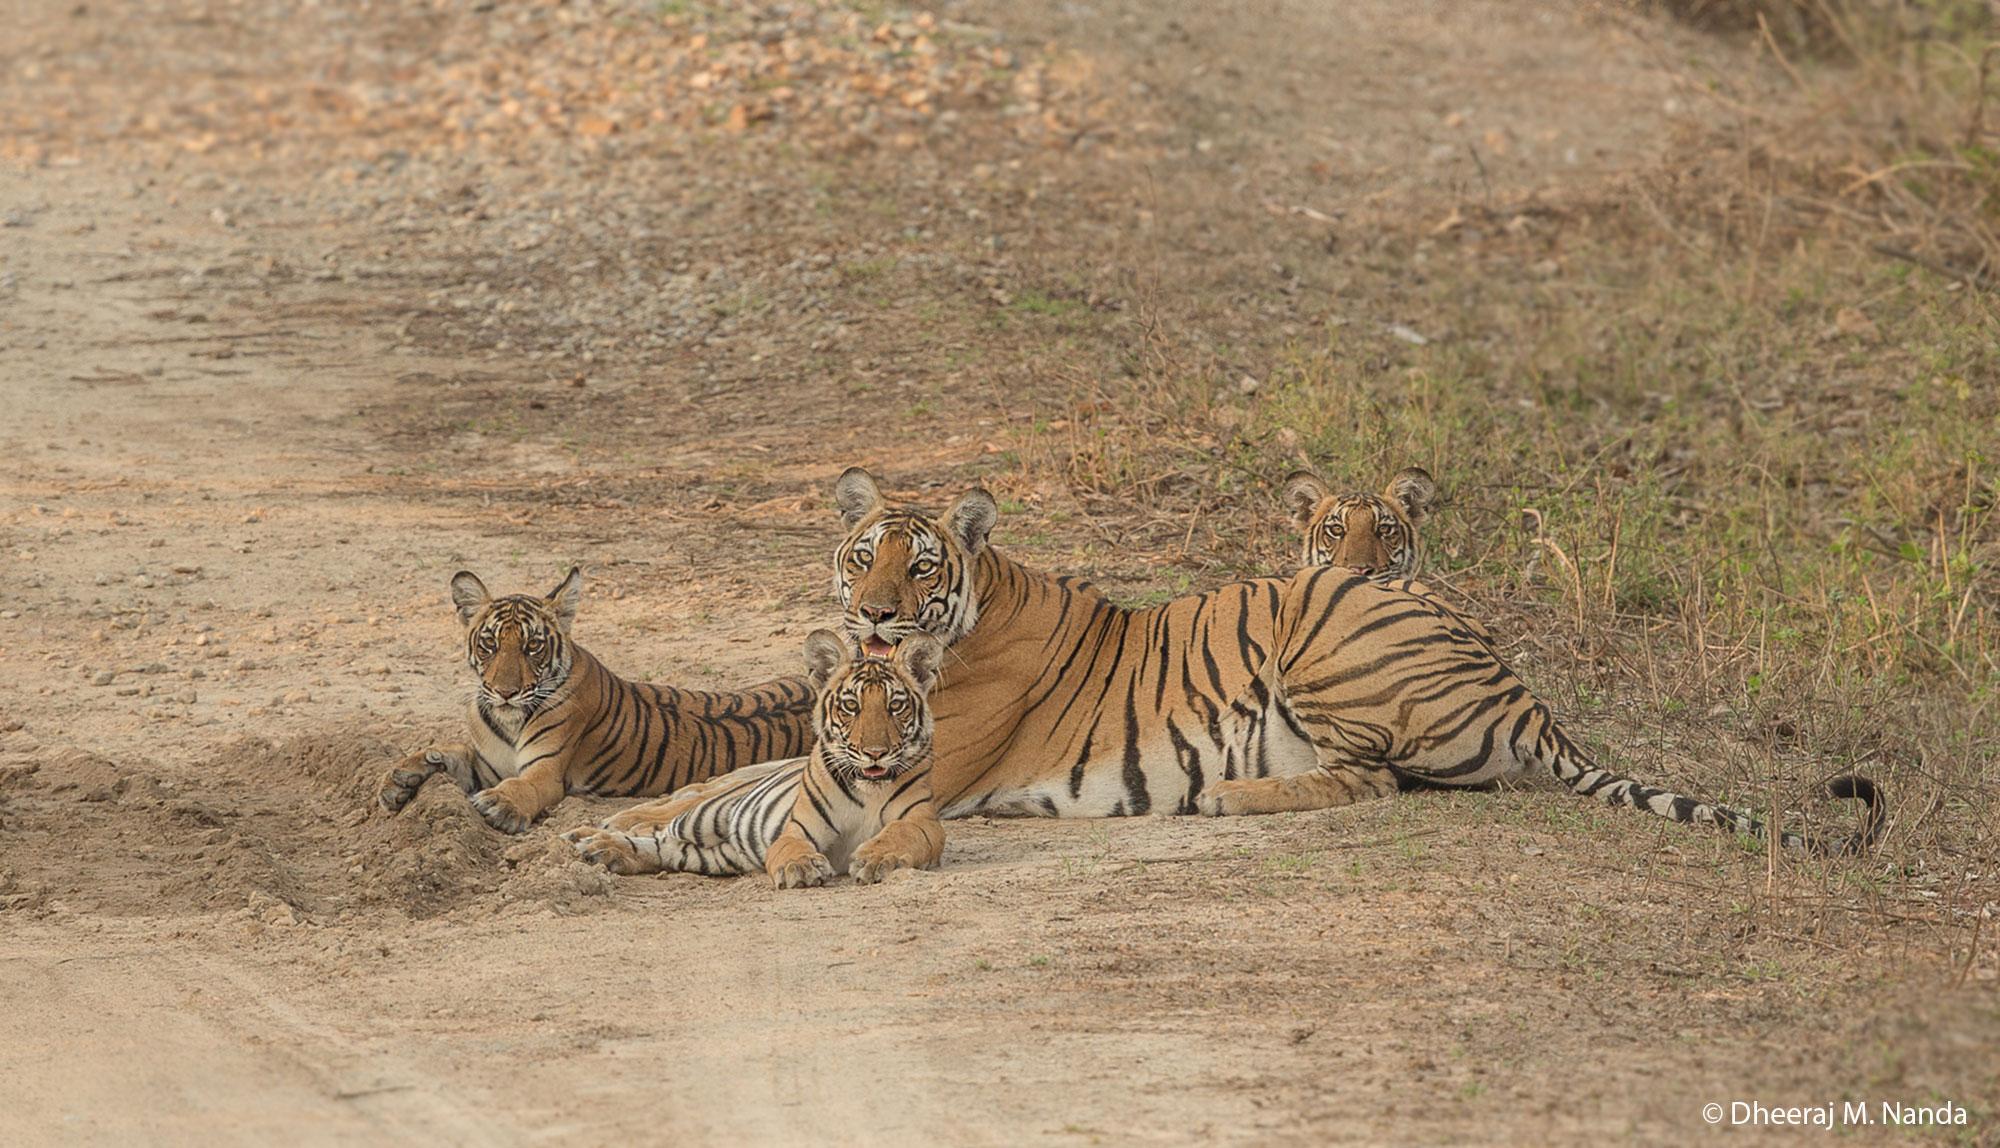 © Dheeraj M. Nanda